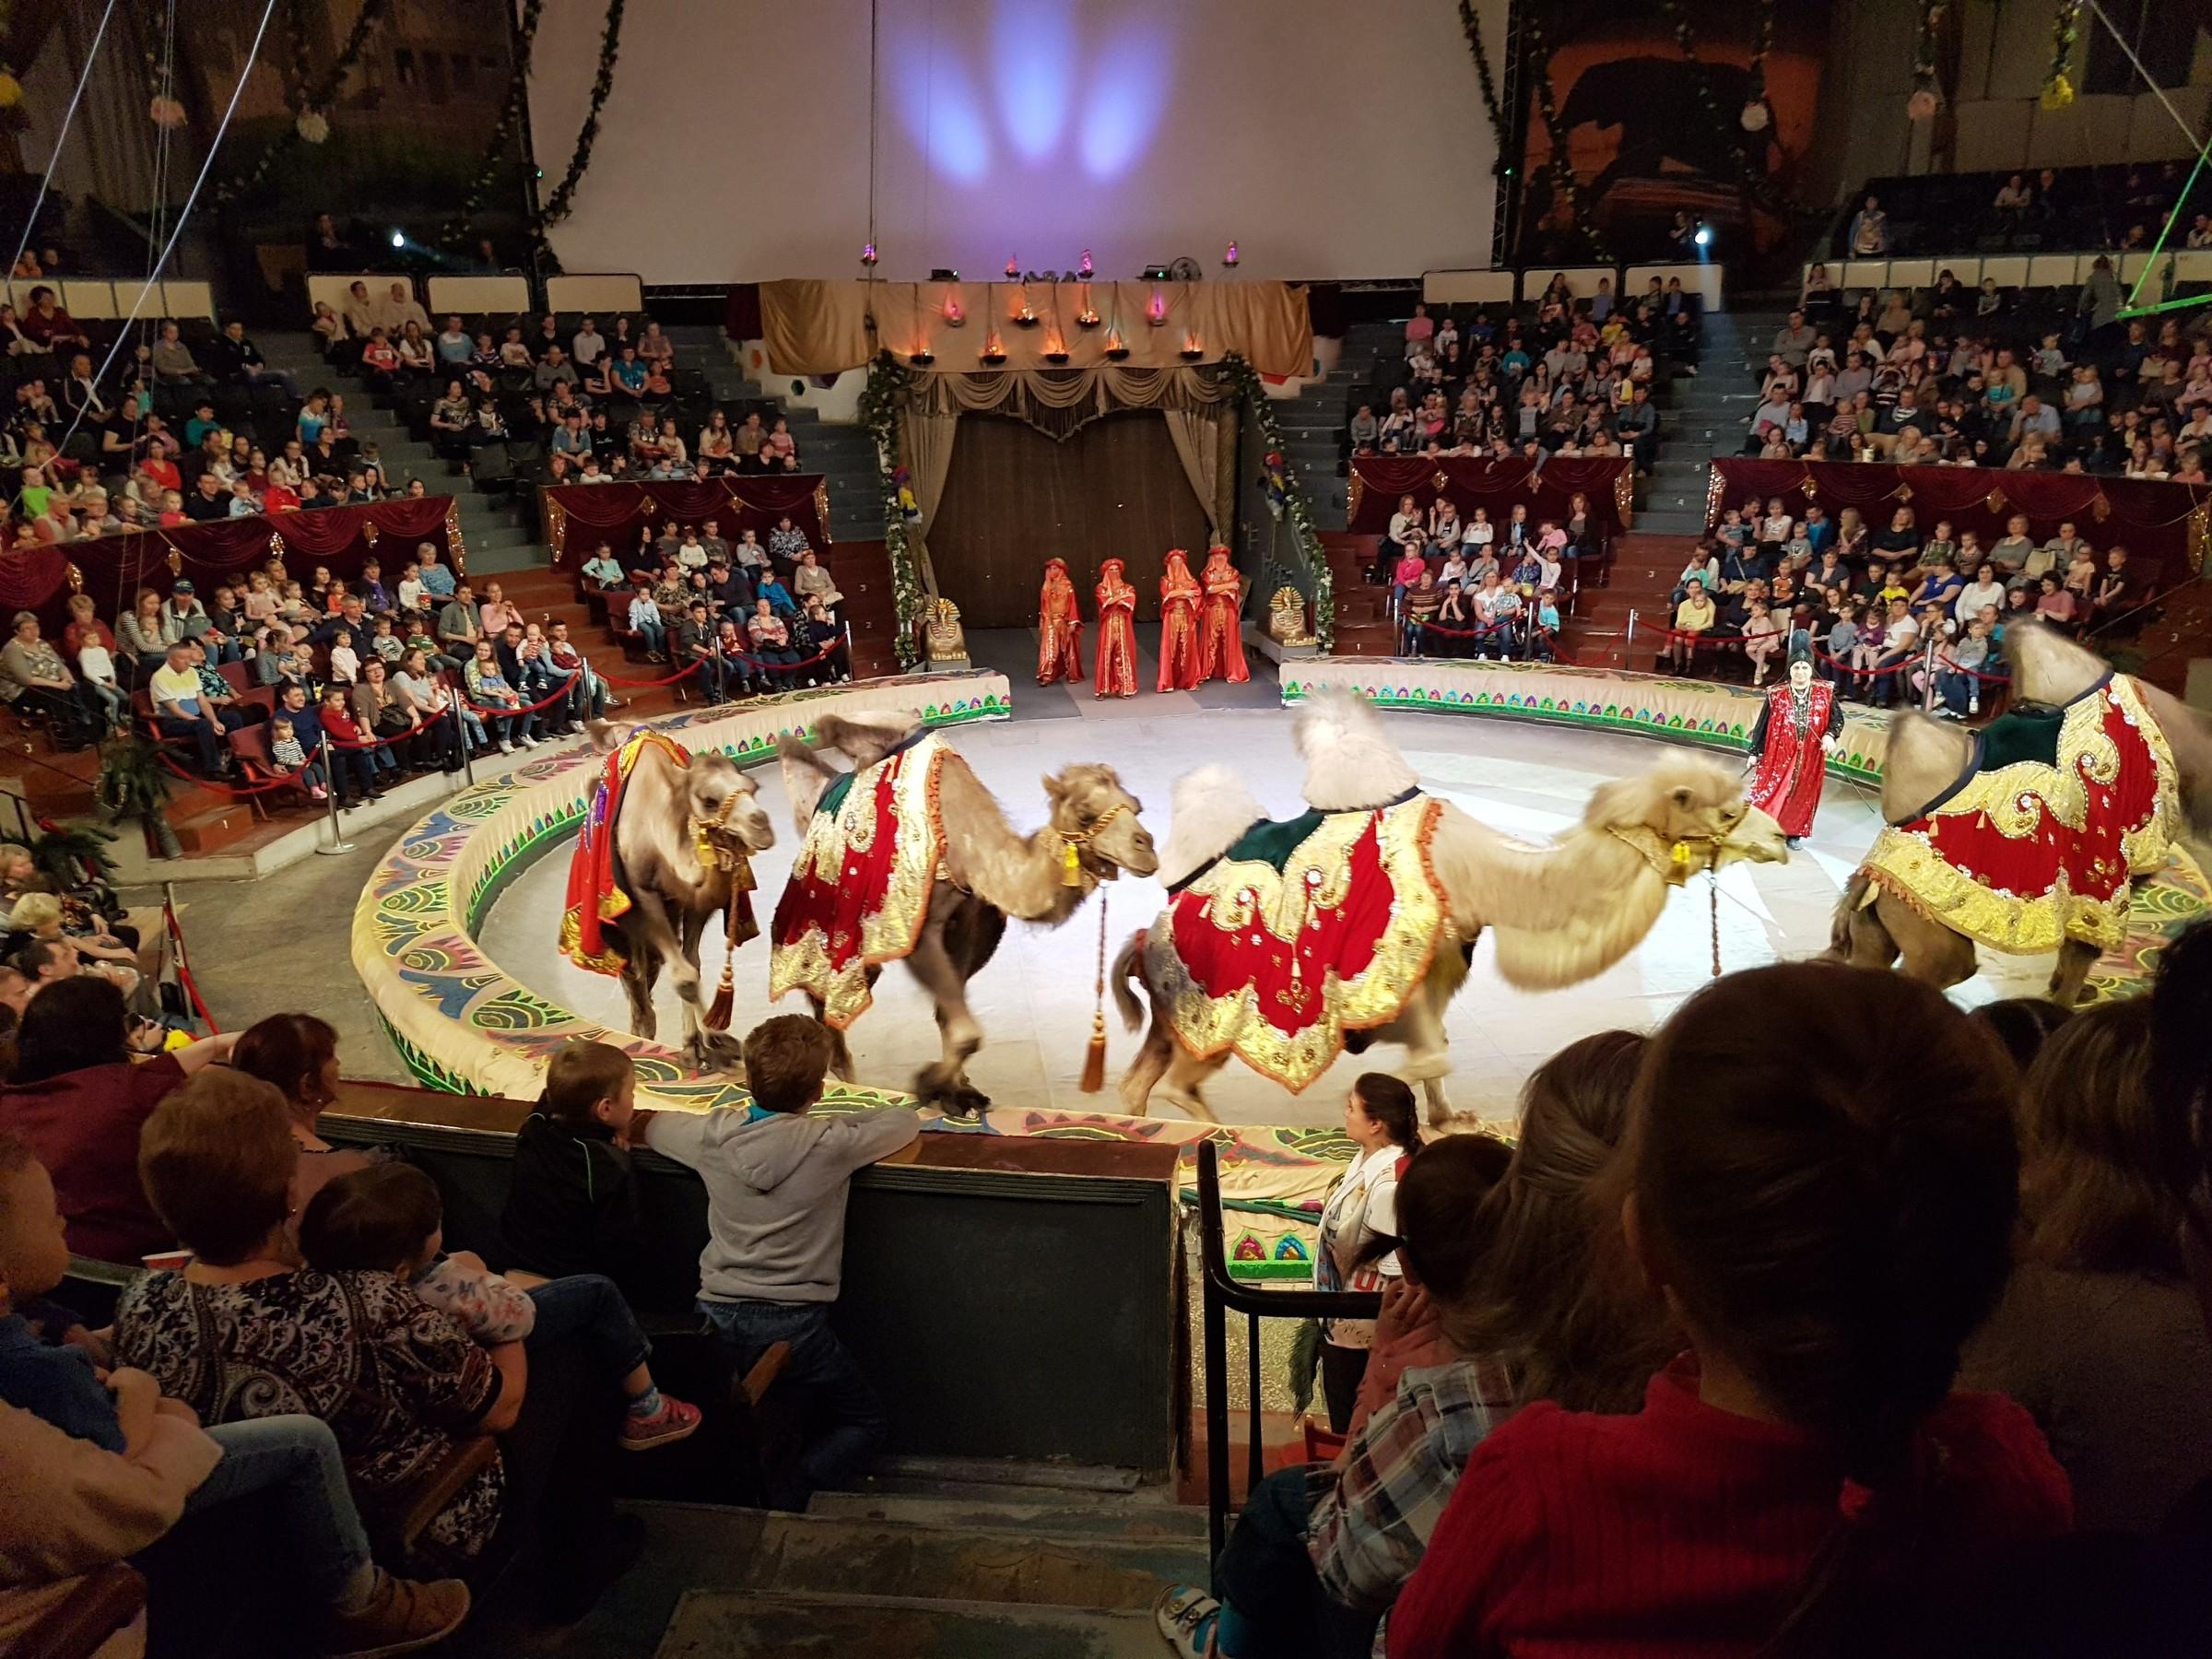 Воронеж цирк официальный сайт купить билет большой театр афиша на ноябрь 2016 цена